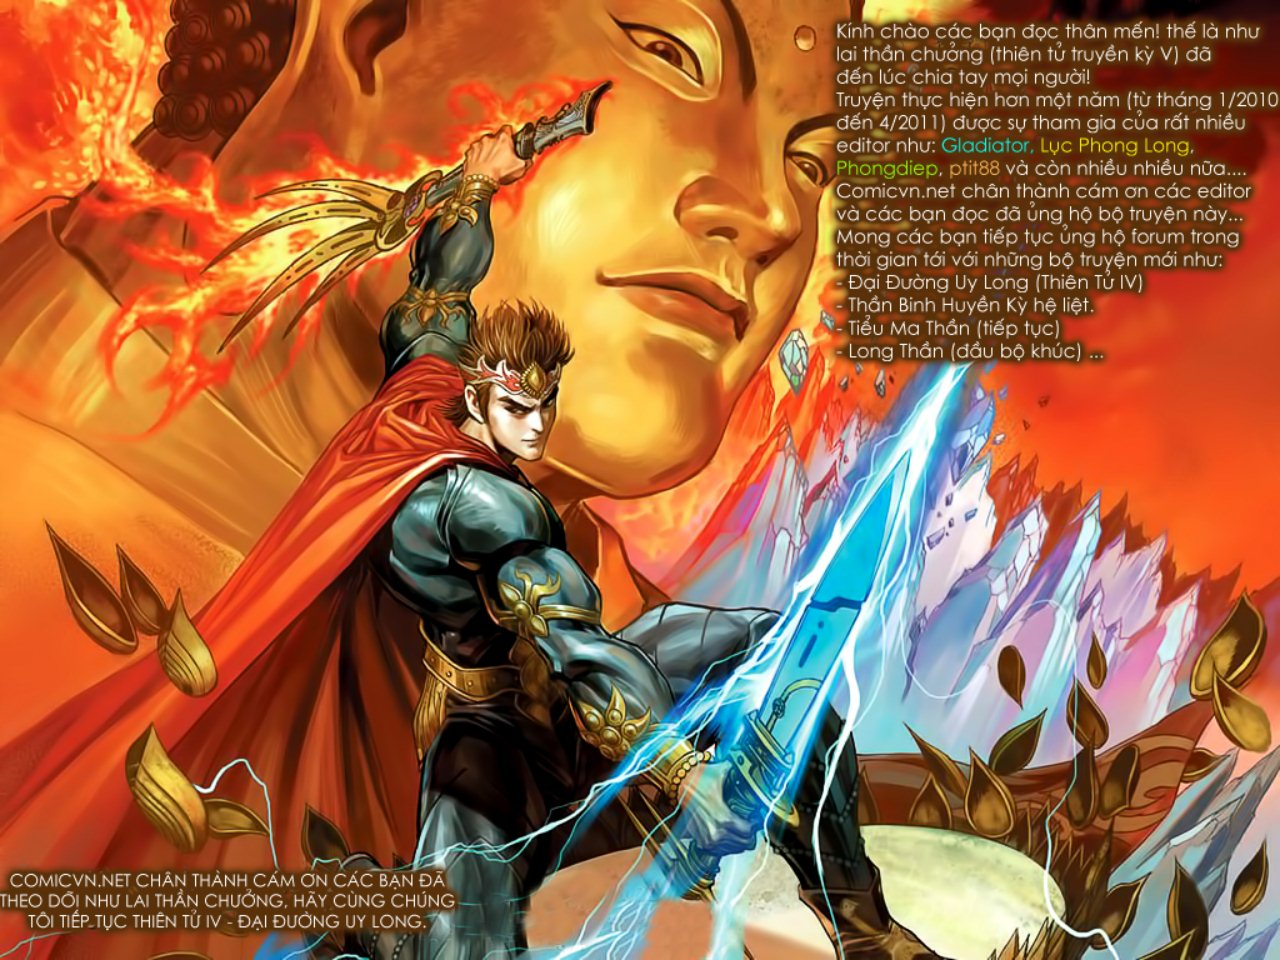 Thiên Tử Truyền Kỳ 5 – Như Lai Thần Chưởng chap 214 – End Trang 1 - Mangak.info